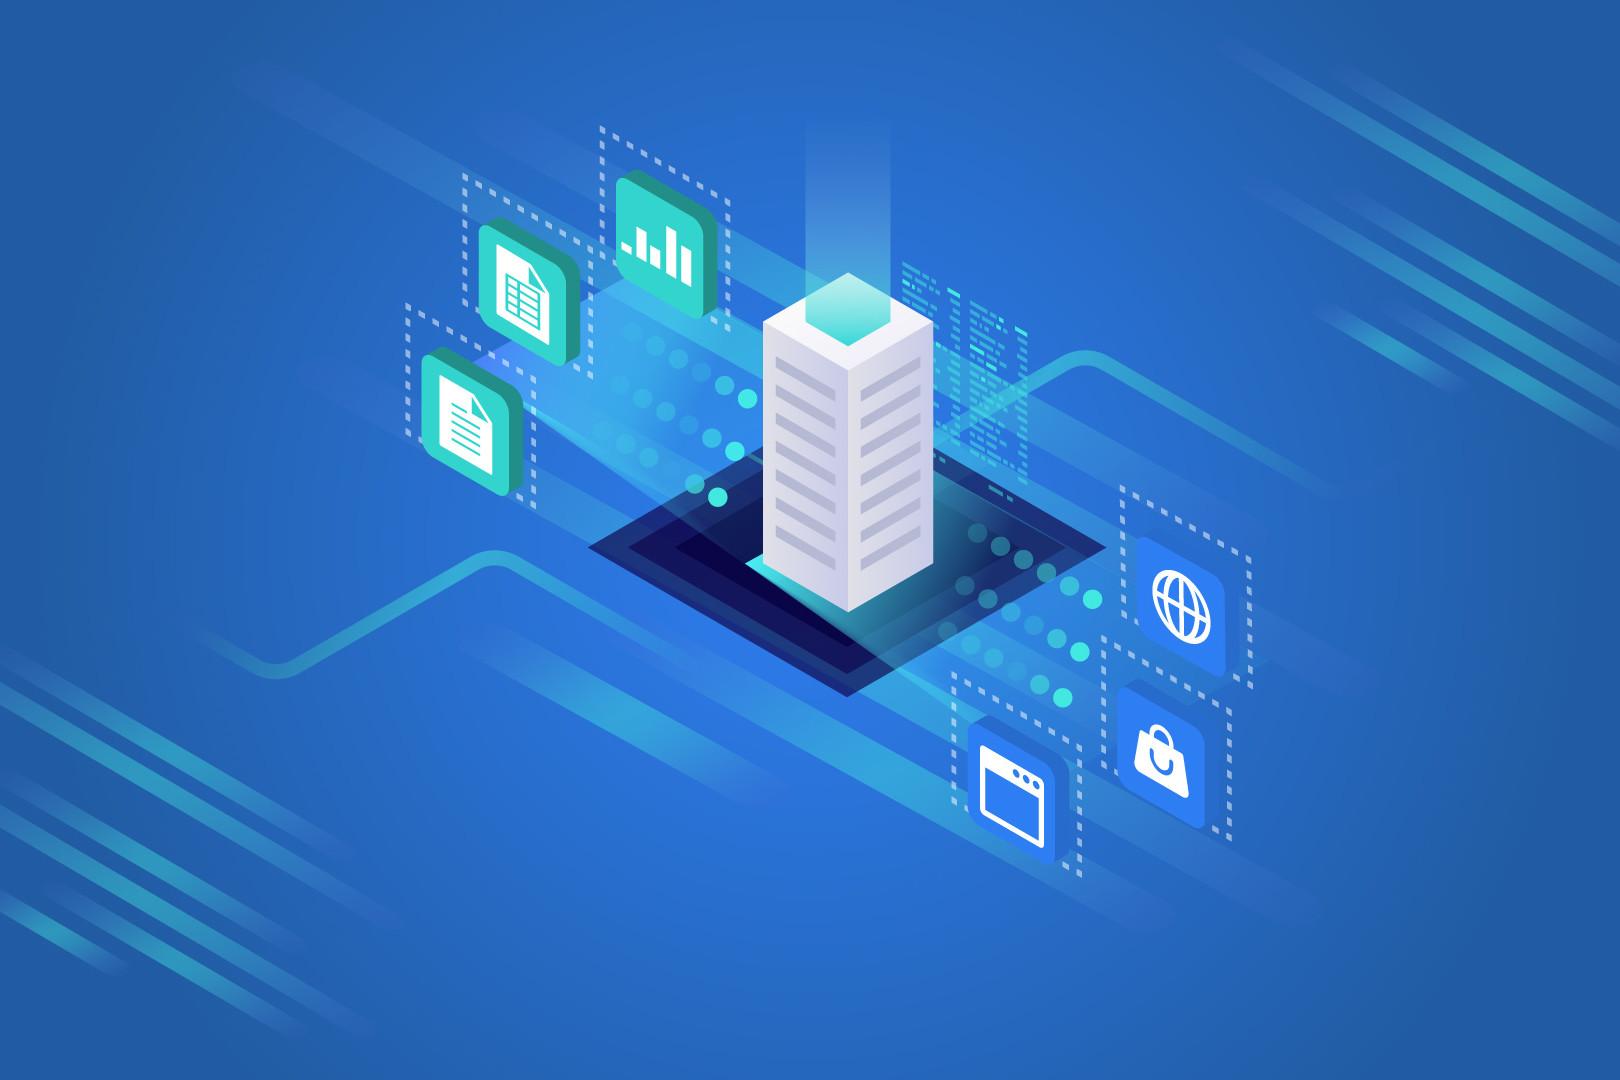 Master Data Management and Integration Platform | MobiLab